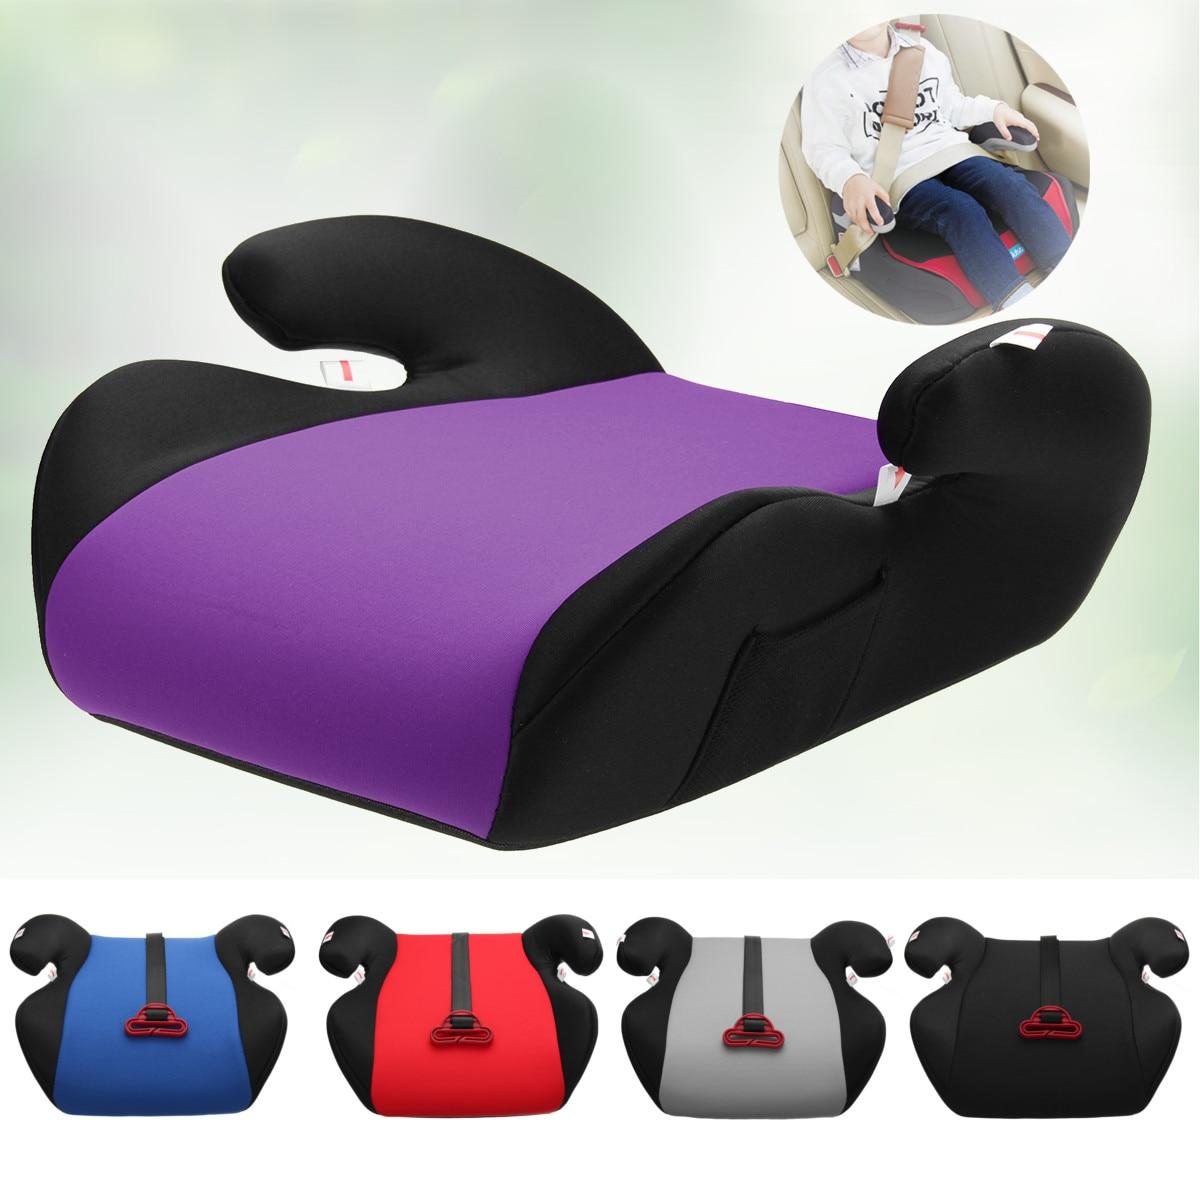 Многоцветное противоскользящее сиденье для автомобиля, безопасное, крепкое, для детей 6 12 лет| |   | АлиЭкспресс